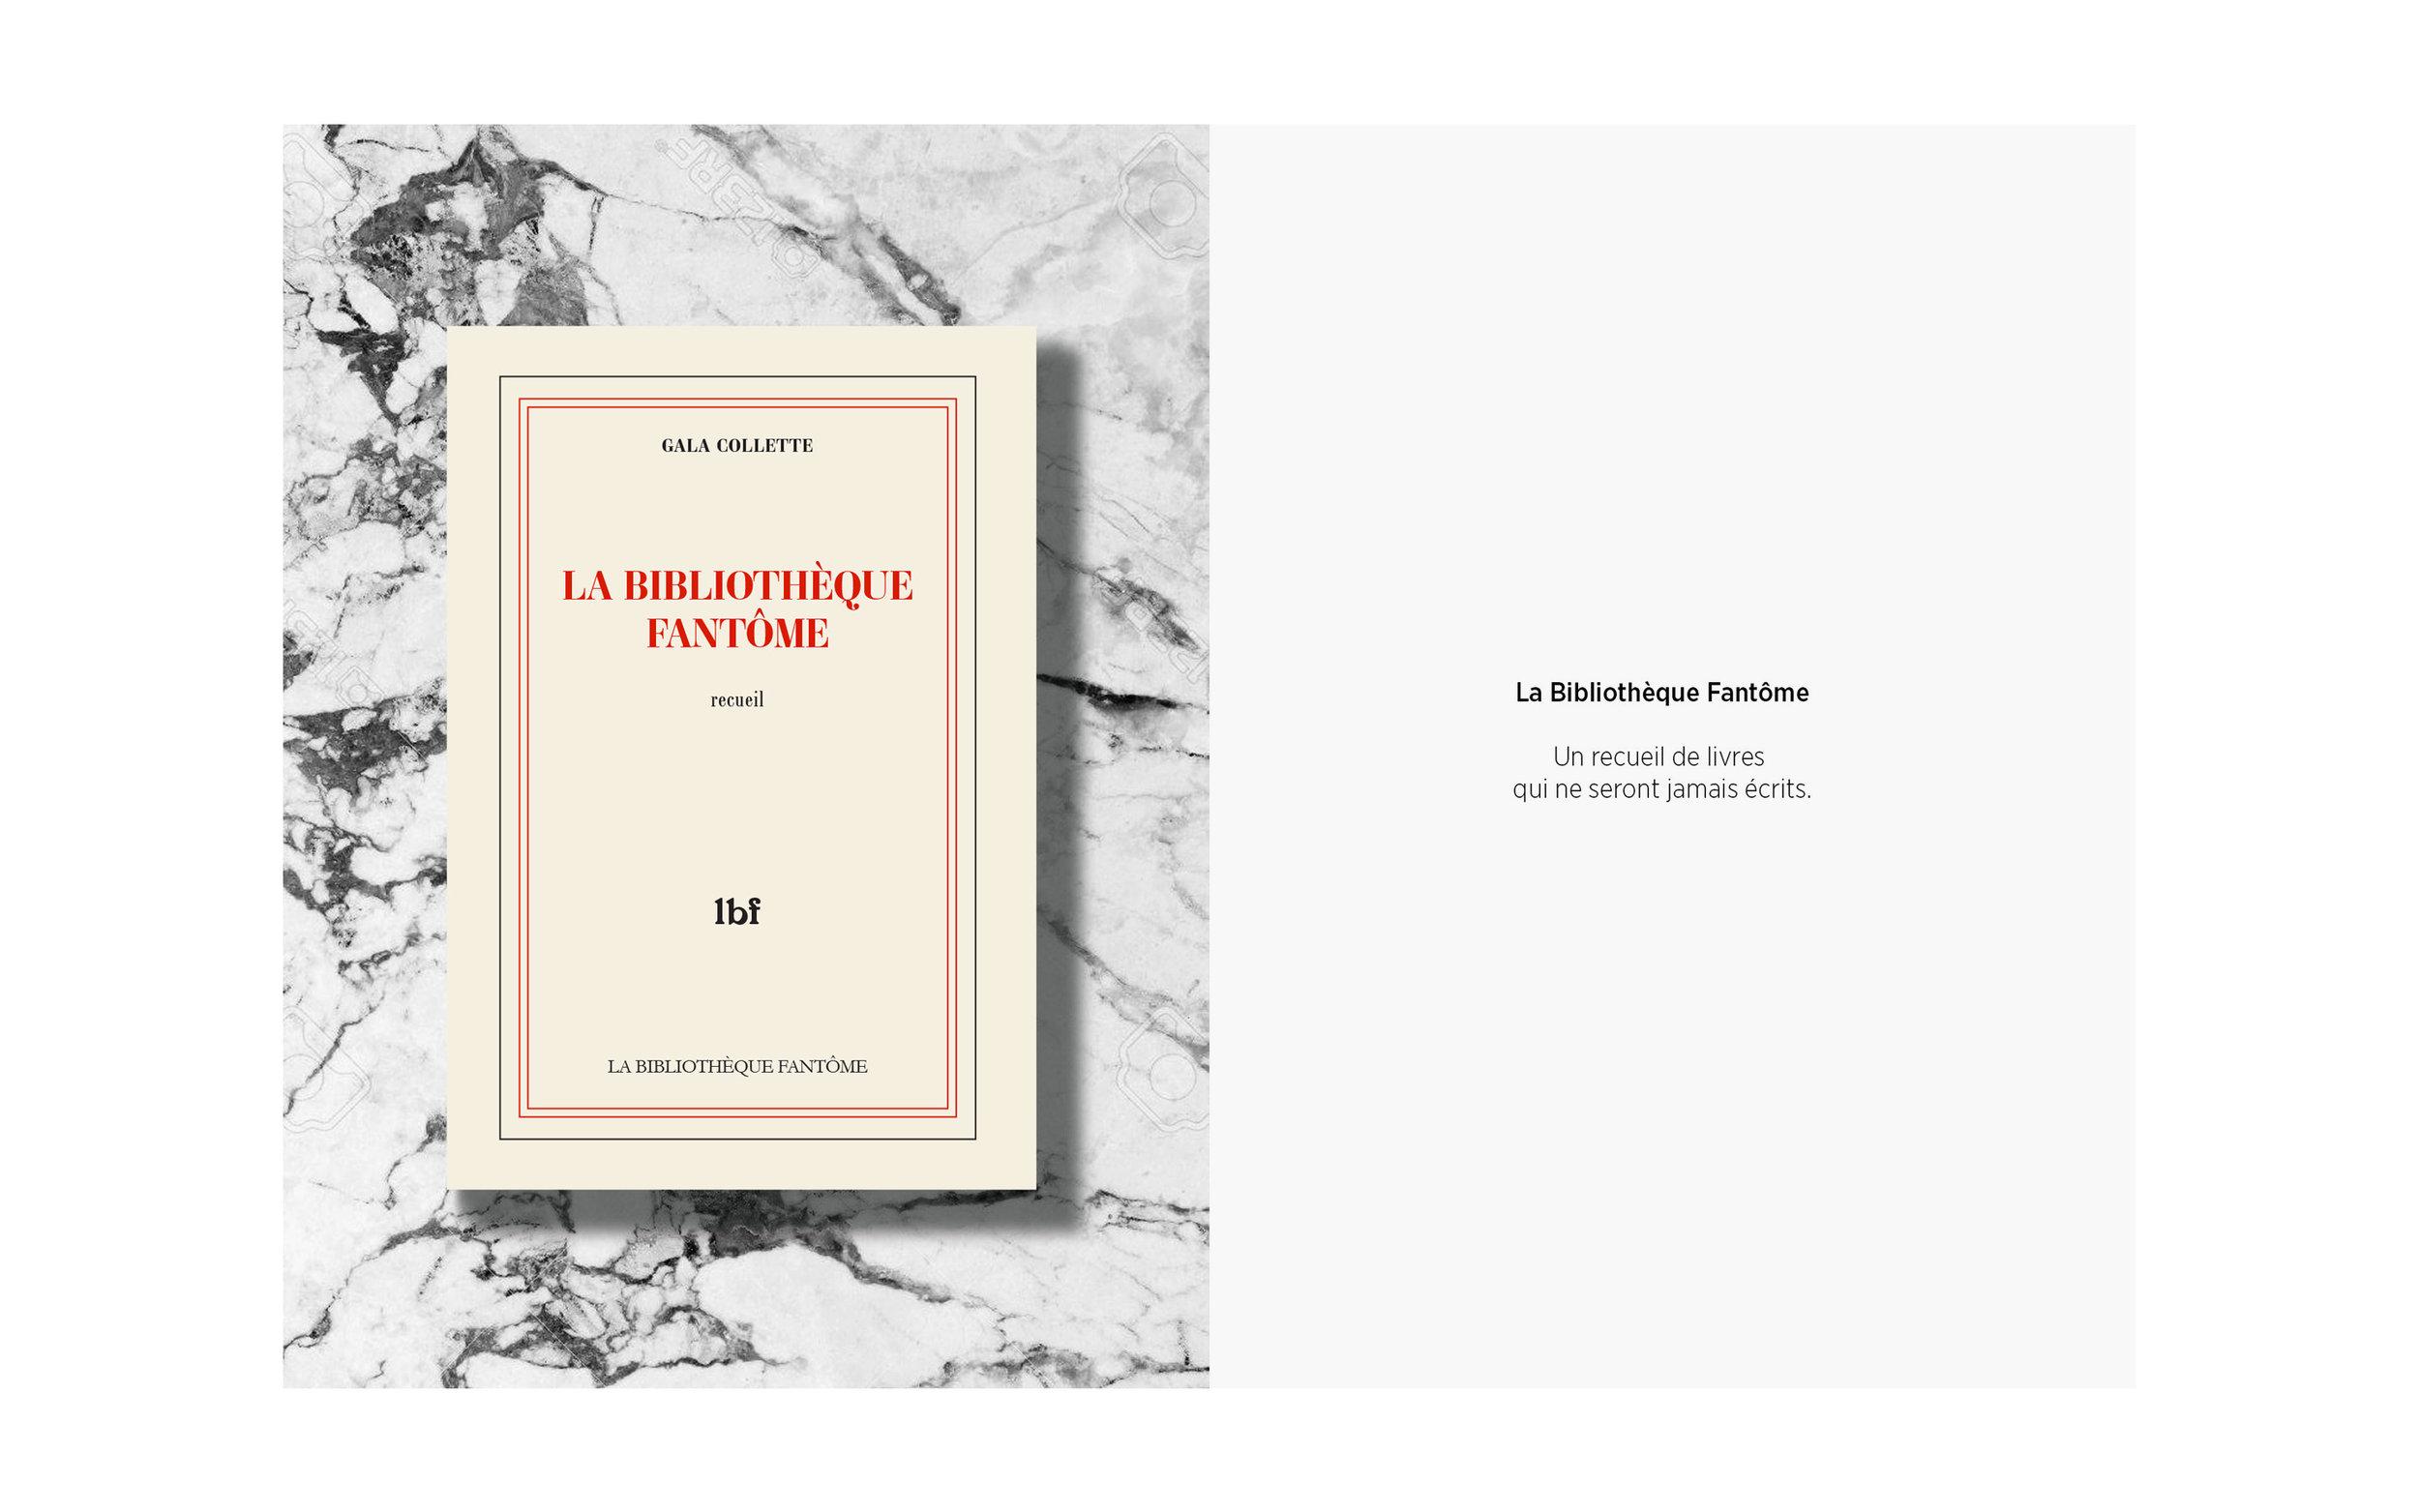 La Bibliothèque Fantôme — Projet en cours